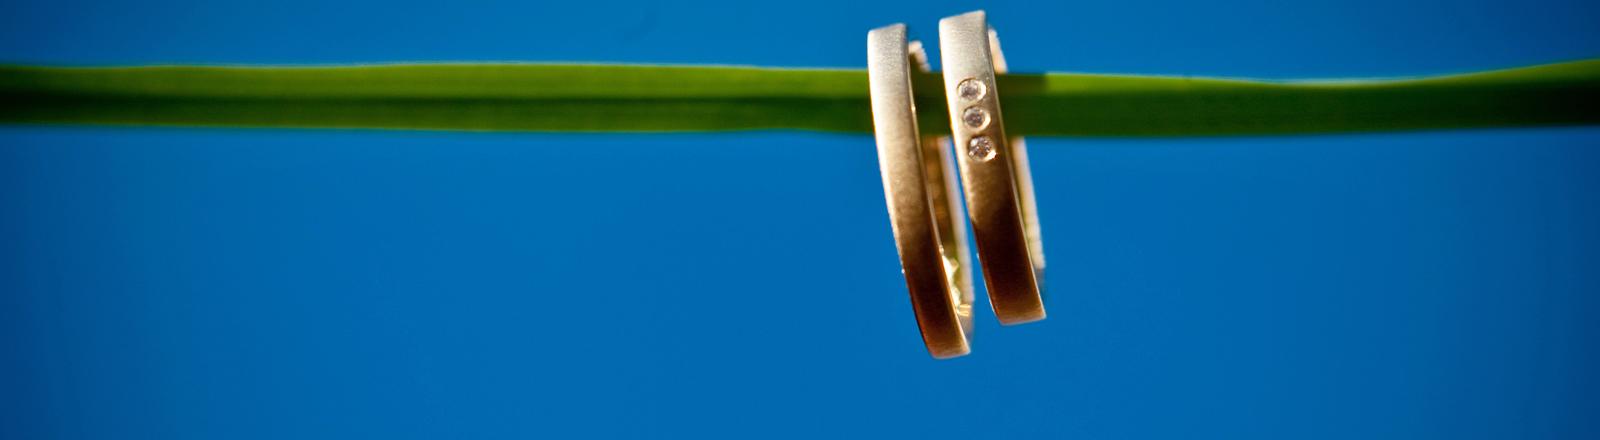 Zwei Eheringe sind auf einer grünen Schnur aufgereiht.